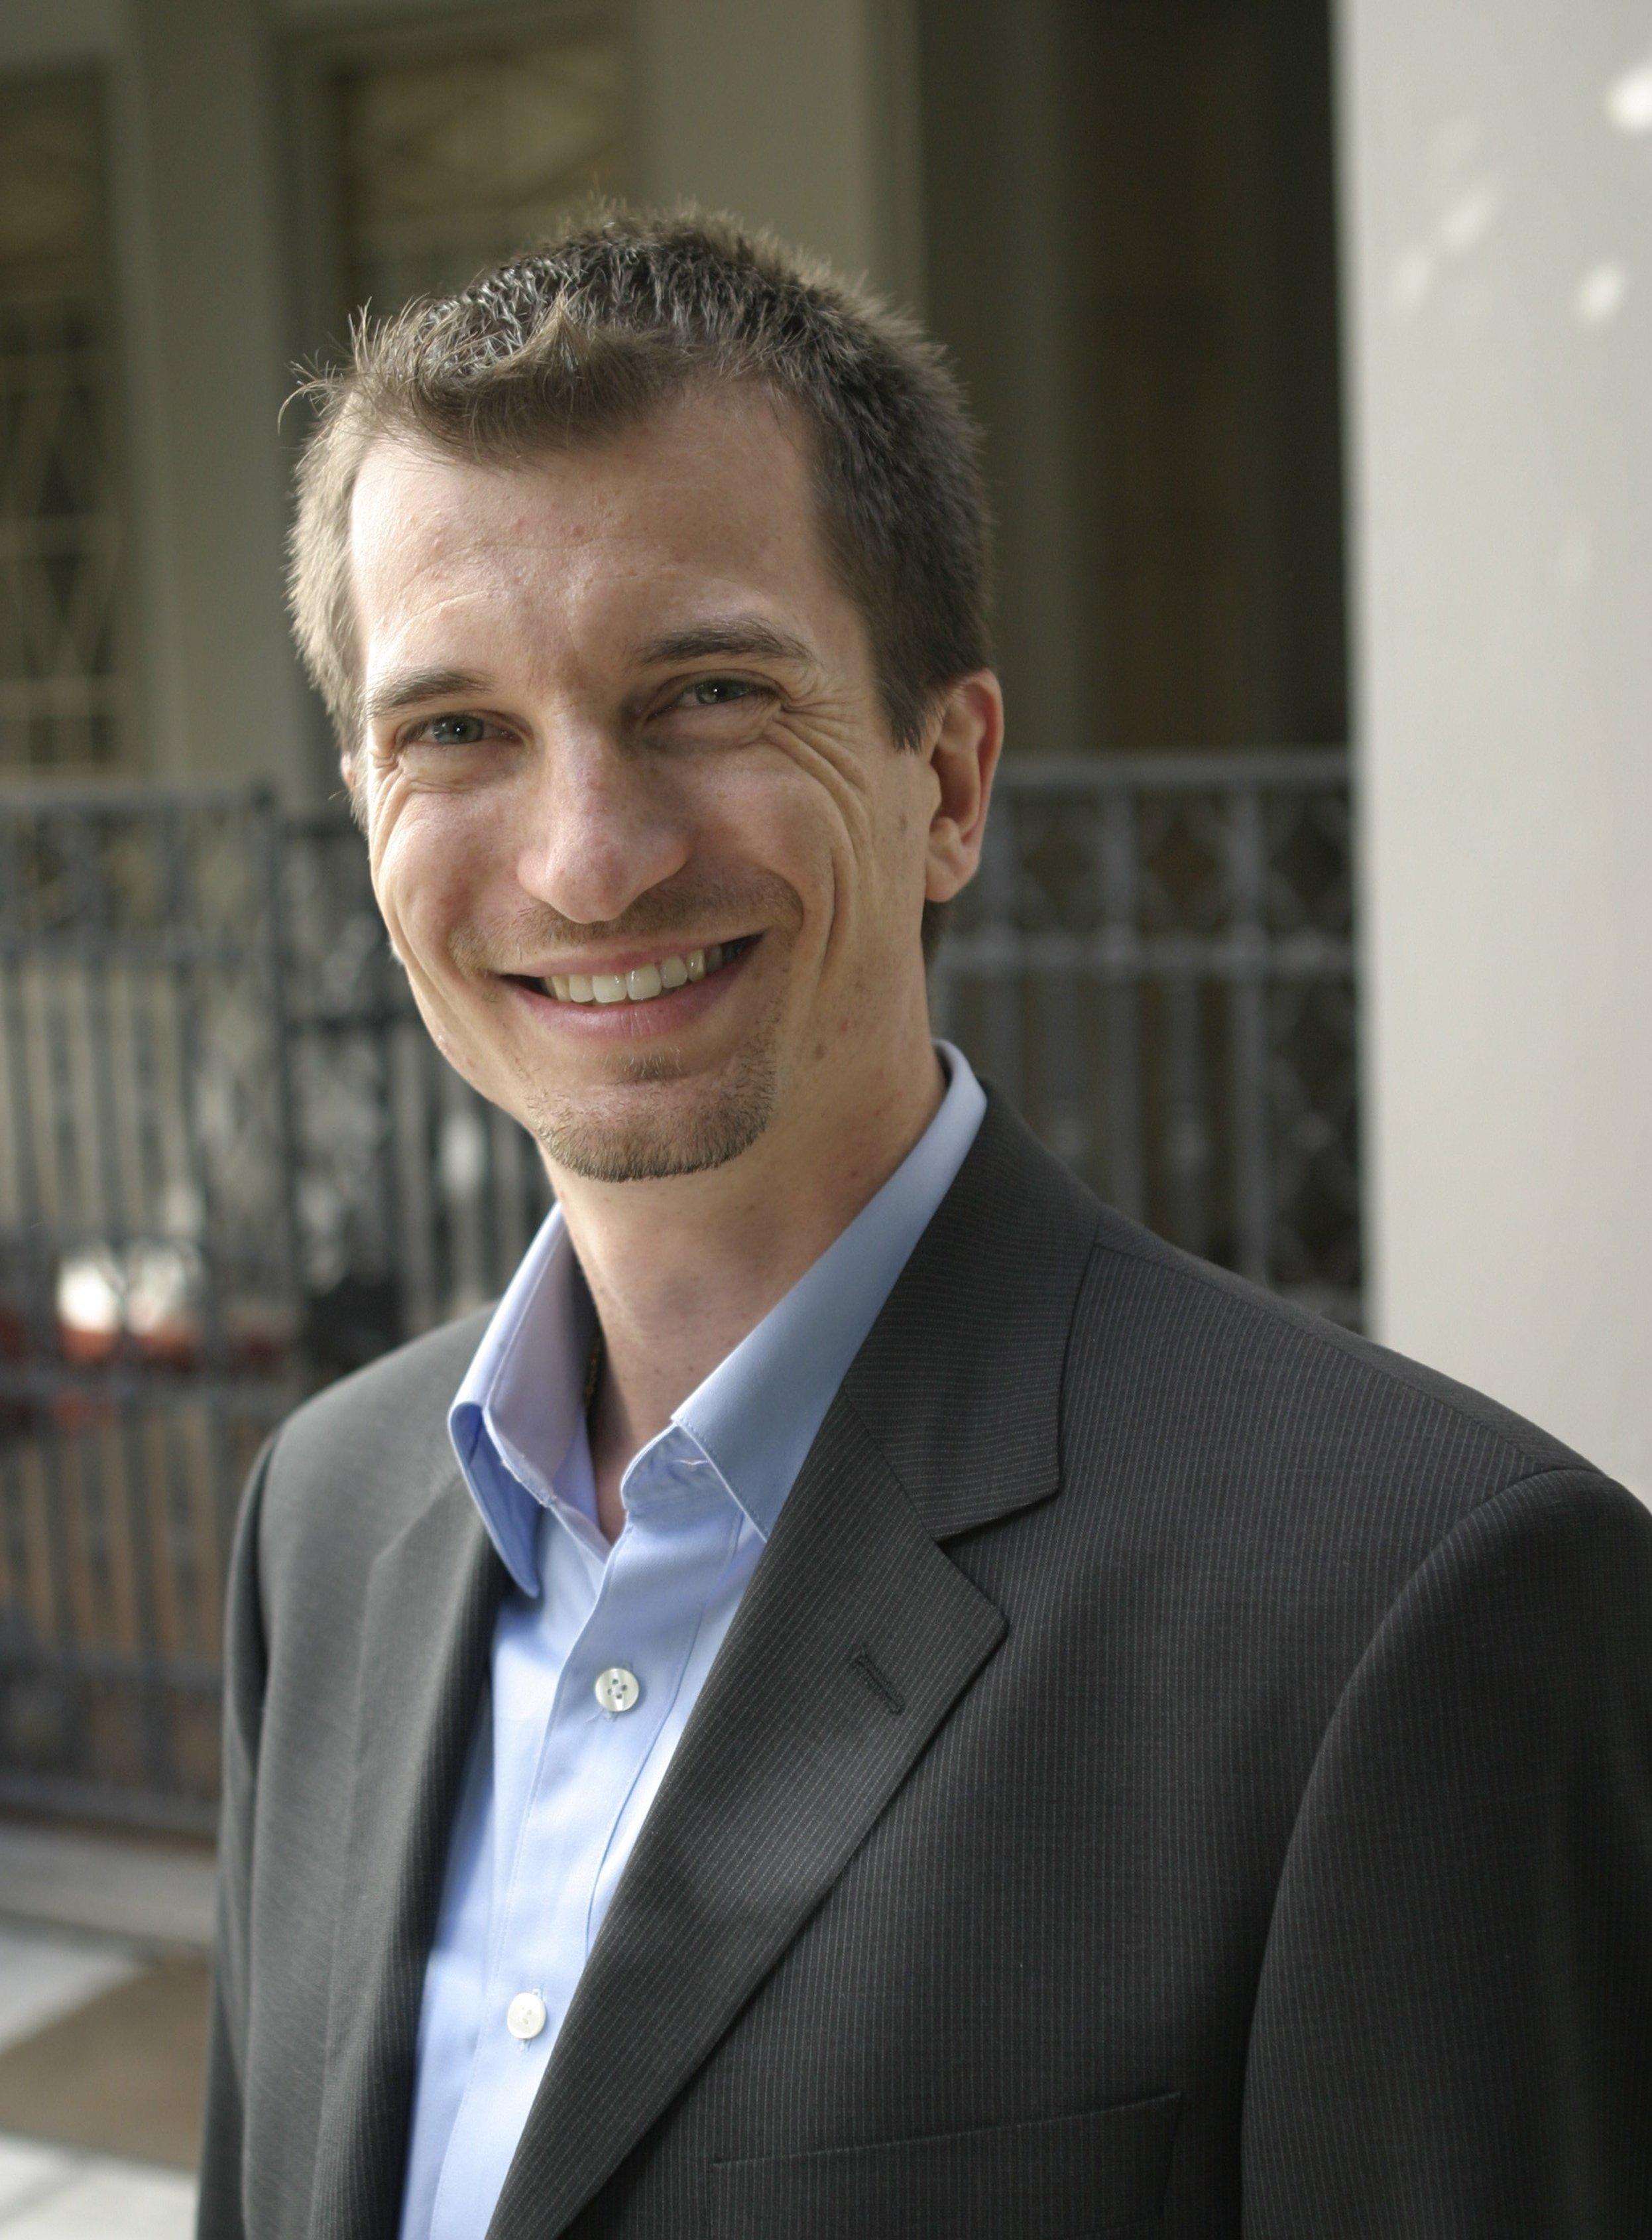 Marco Loguercio